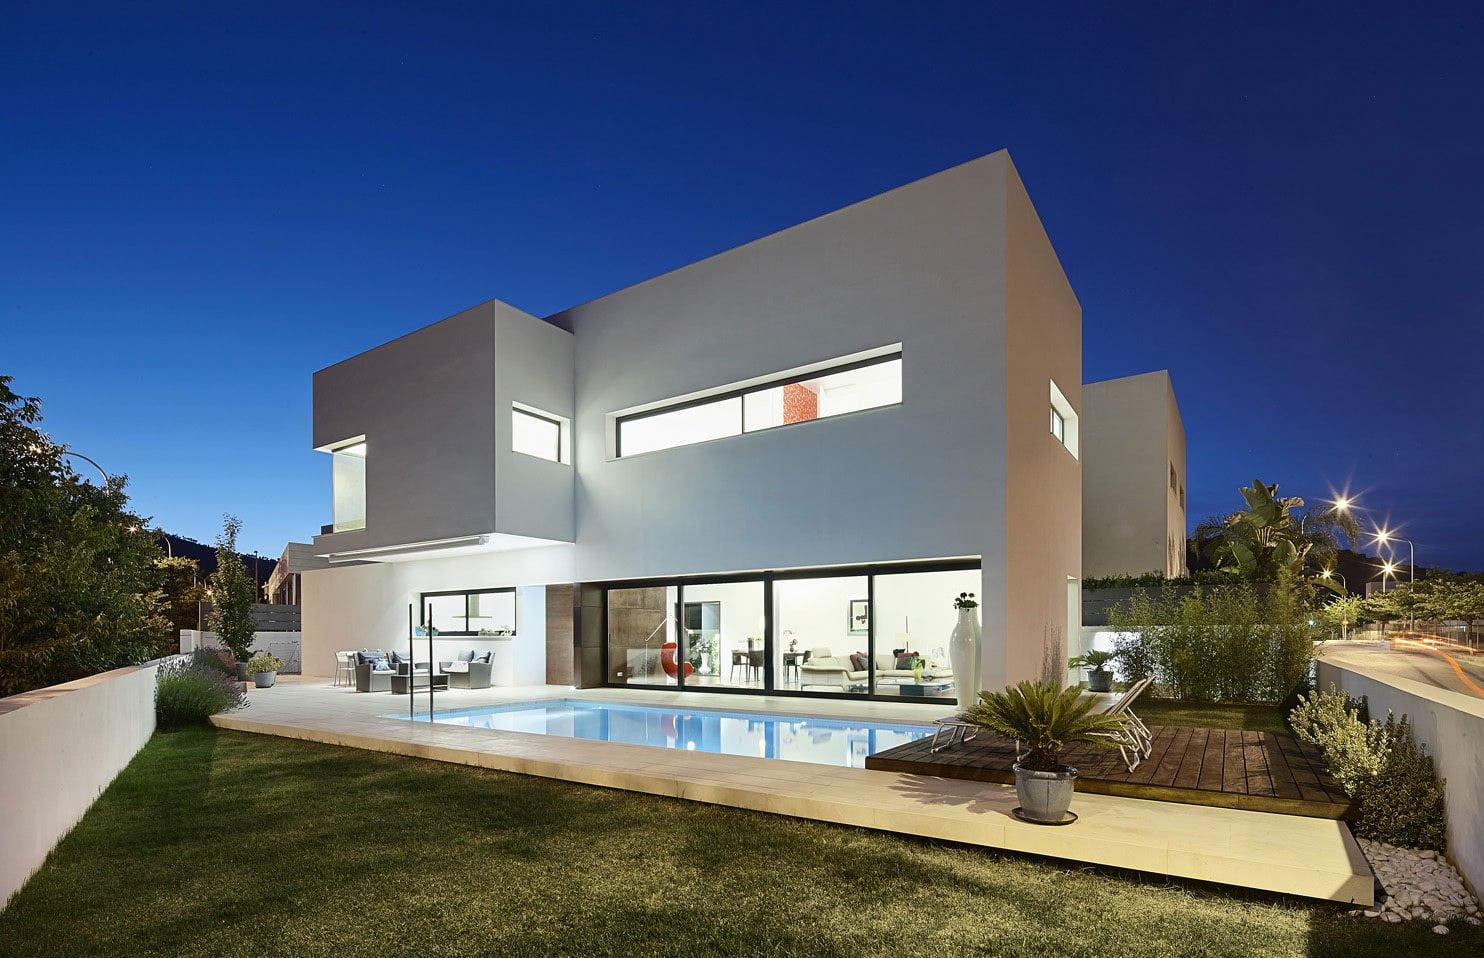 Diseño-de-casa-moderna-de-dos-pisos-con-piscina - Constructora Paramount